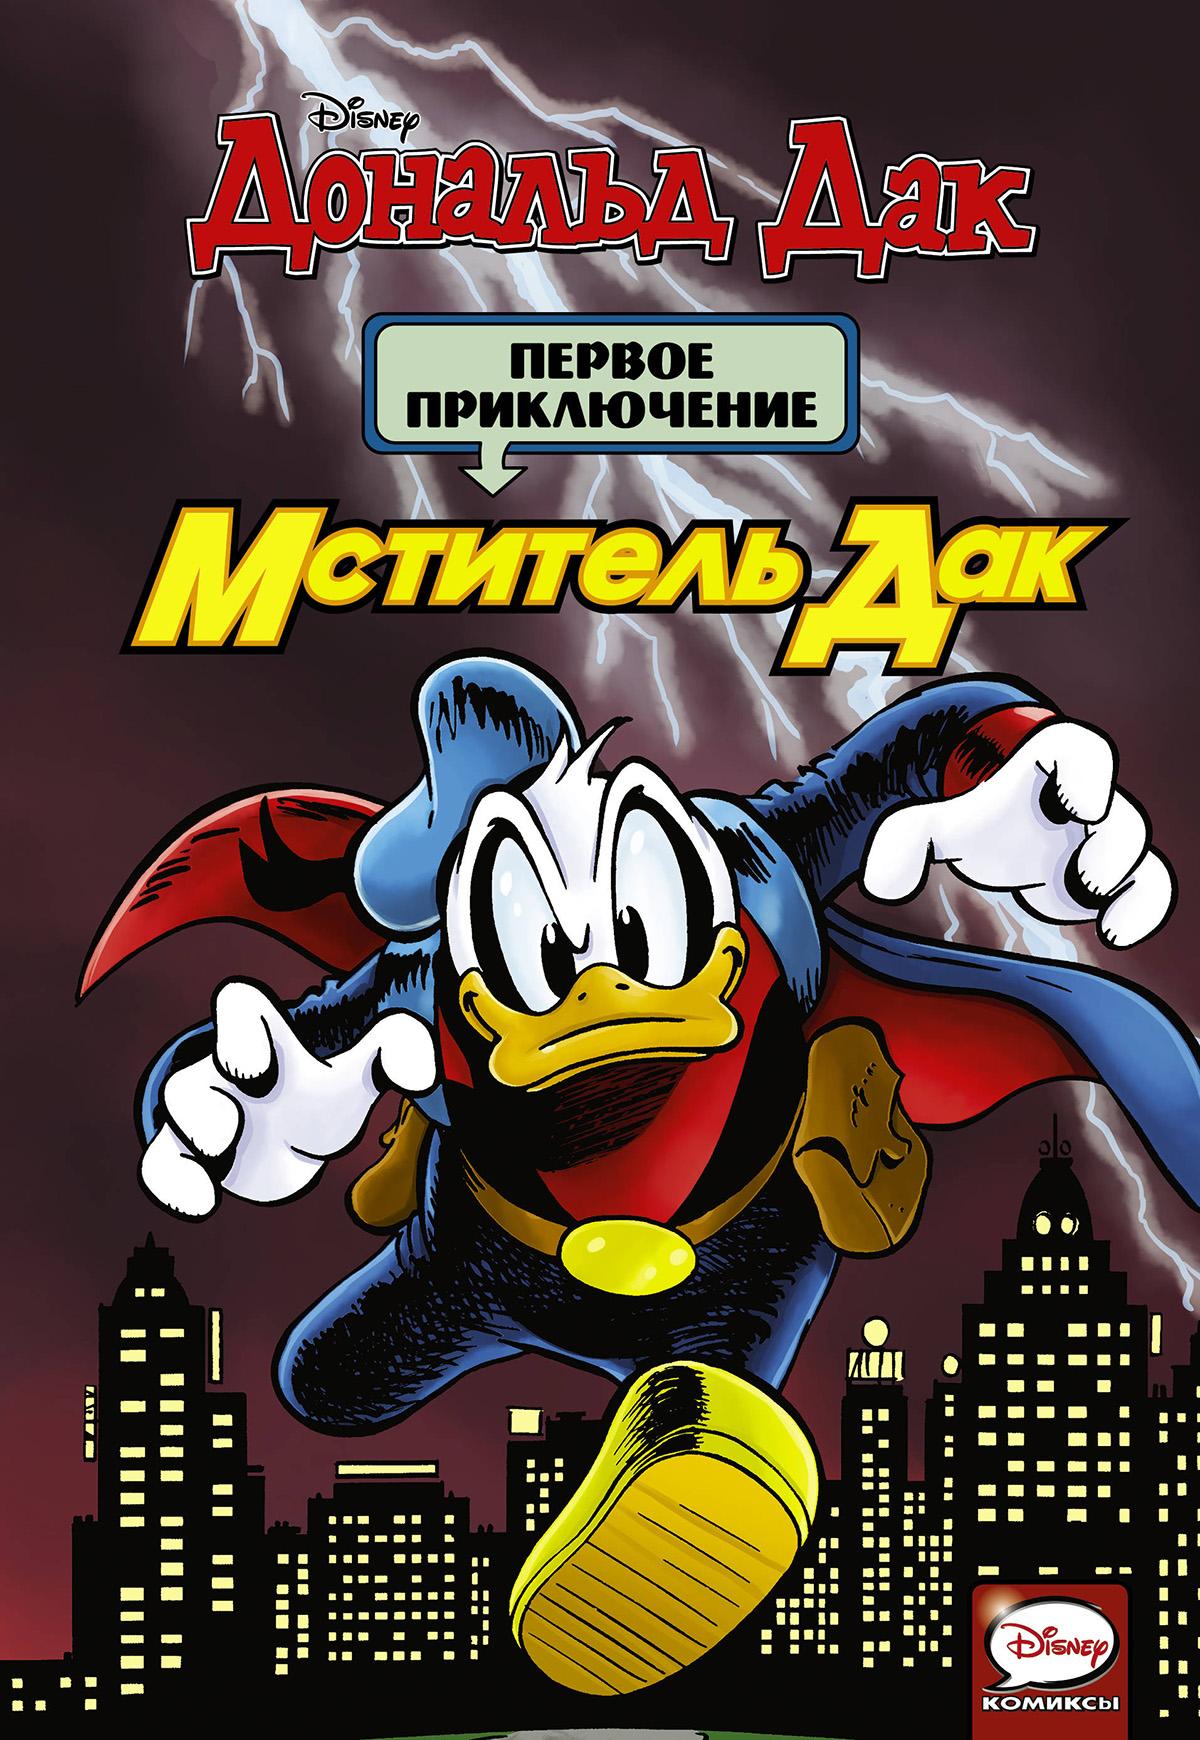 Комикс Дональд Дак: Мститель Дак. Первое приключение